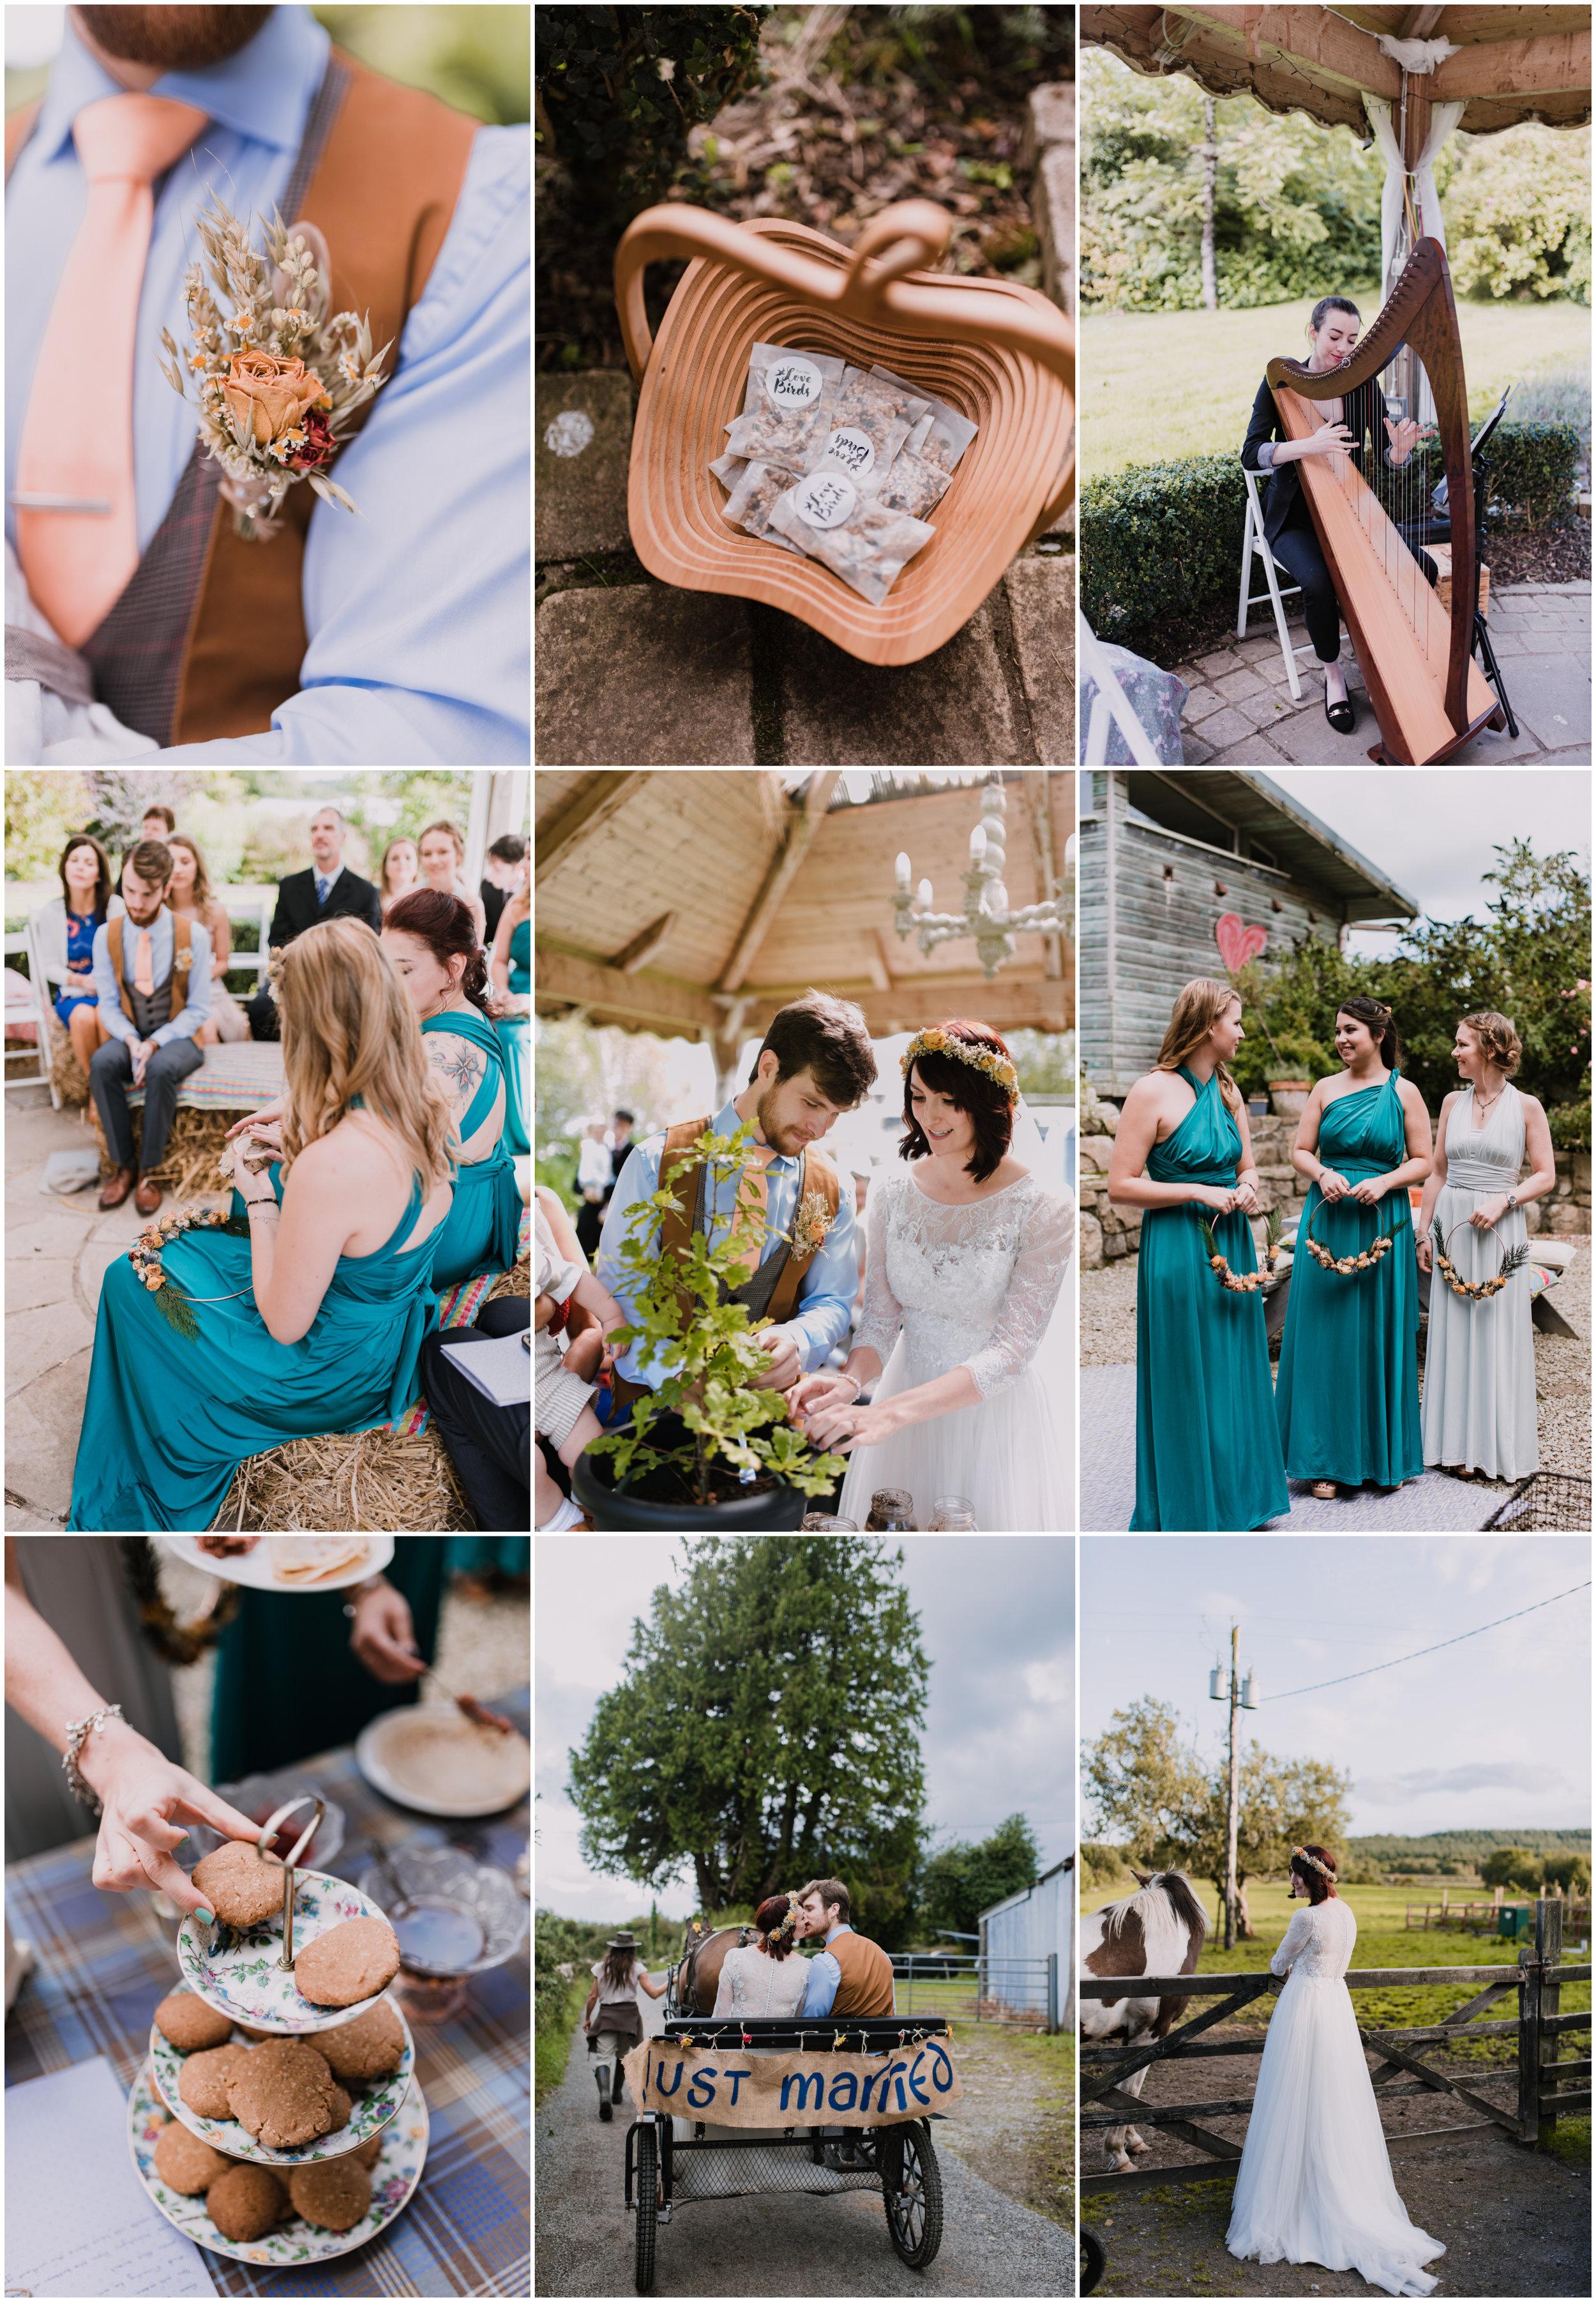 eco organic rustic vegan wedding in Ireland.jpg